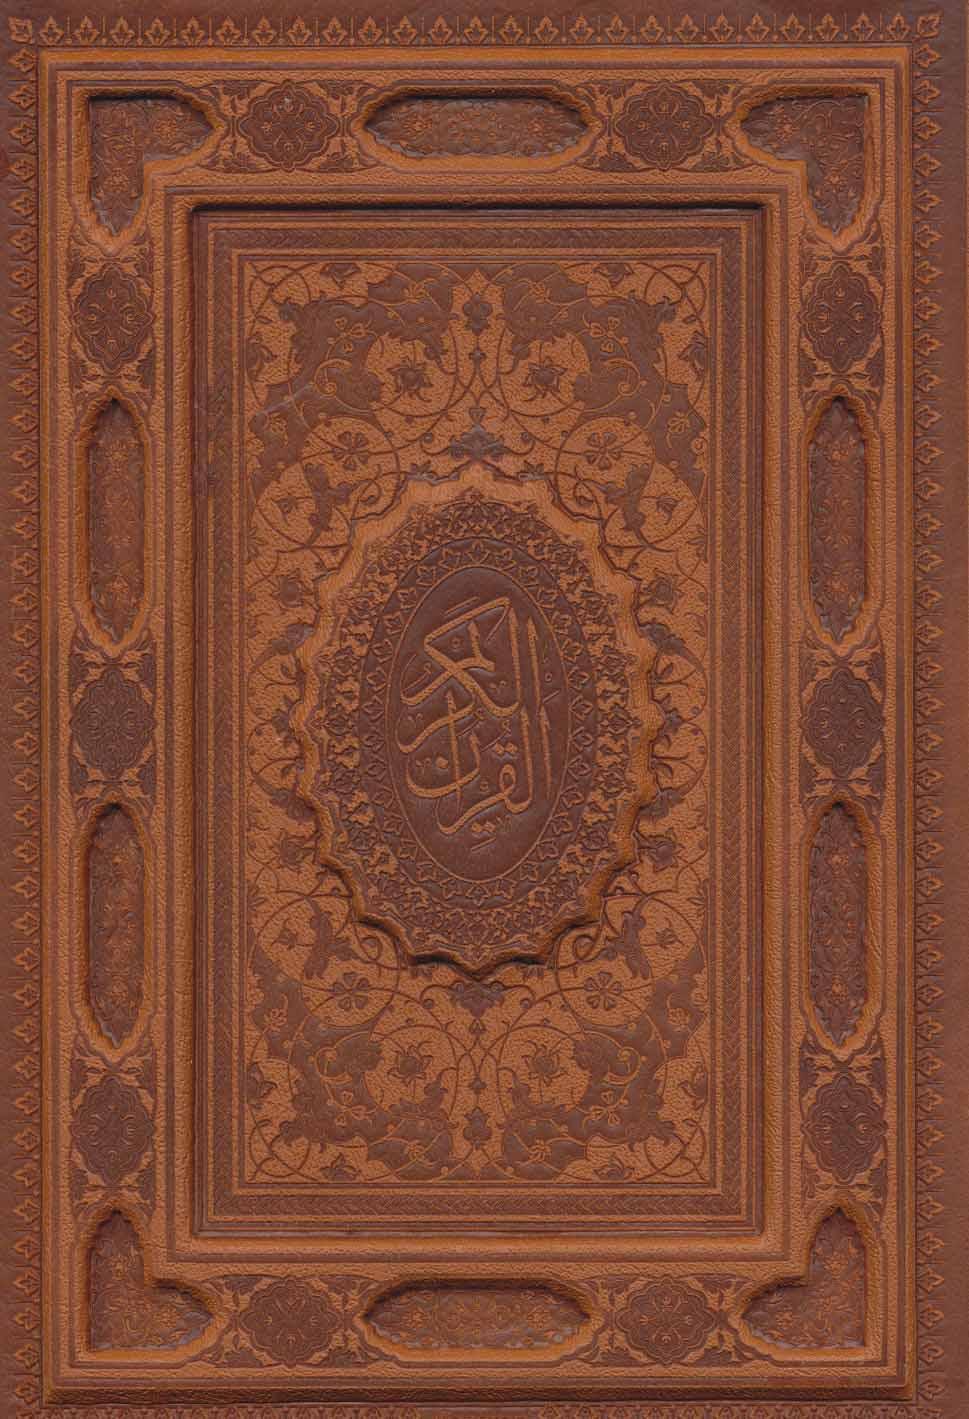 قرآن کریم،همراه با آلبوم بله برون (گلاسه،باقاب،ترمو)